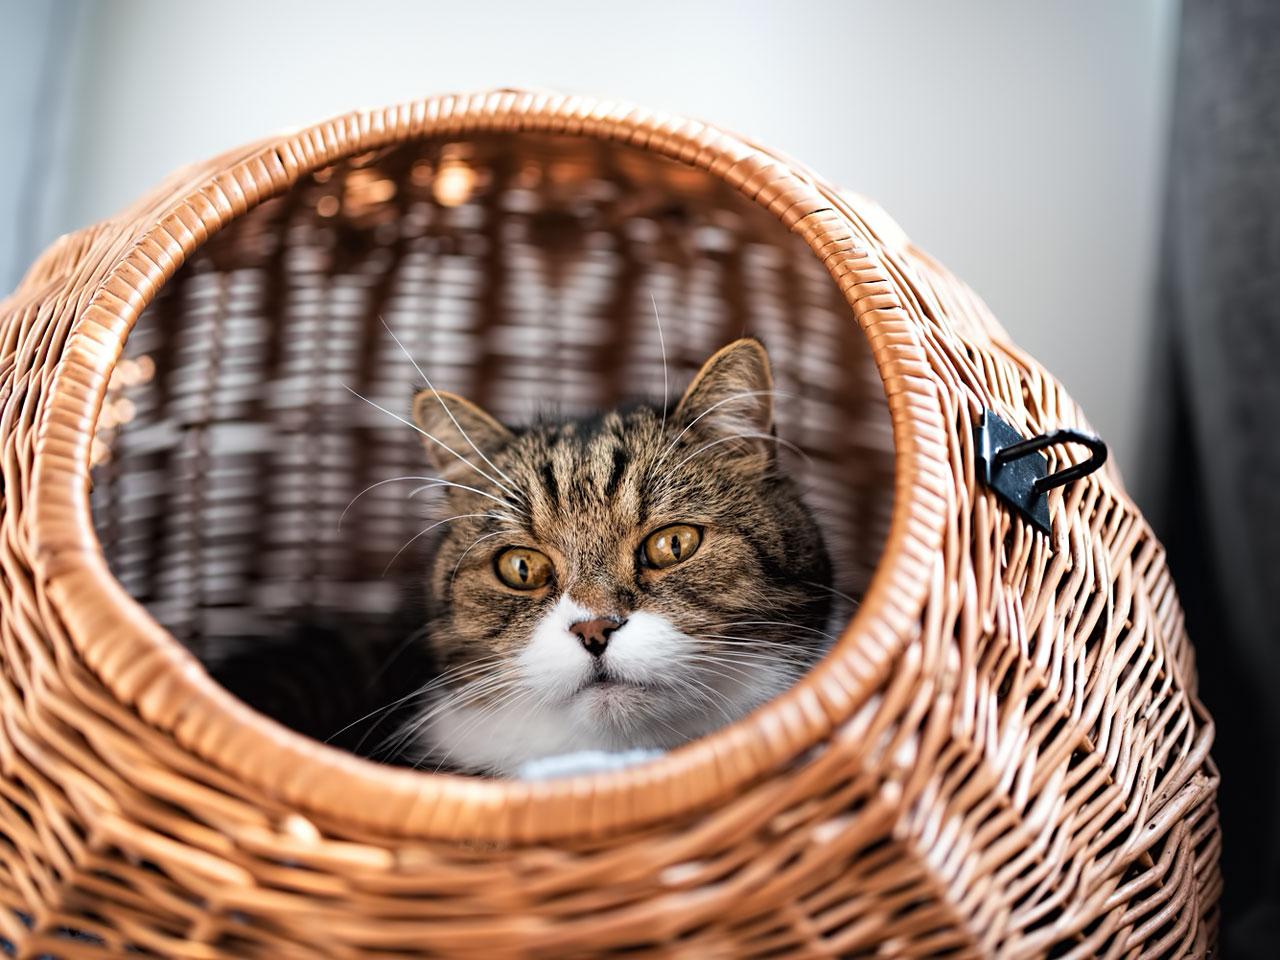 Katze schaut aus Weidenkorb